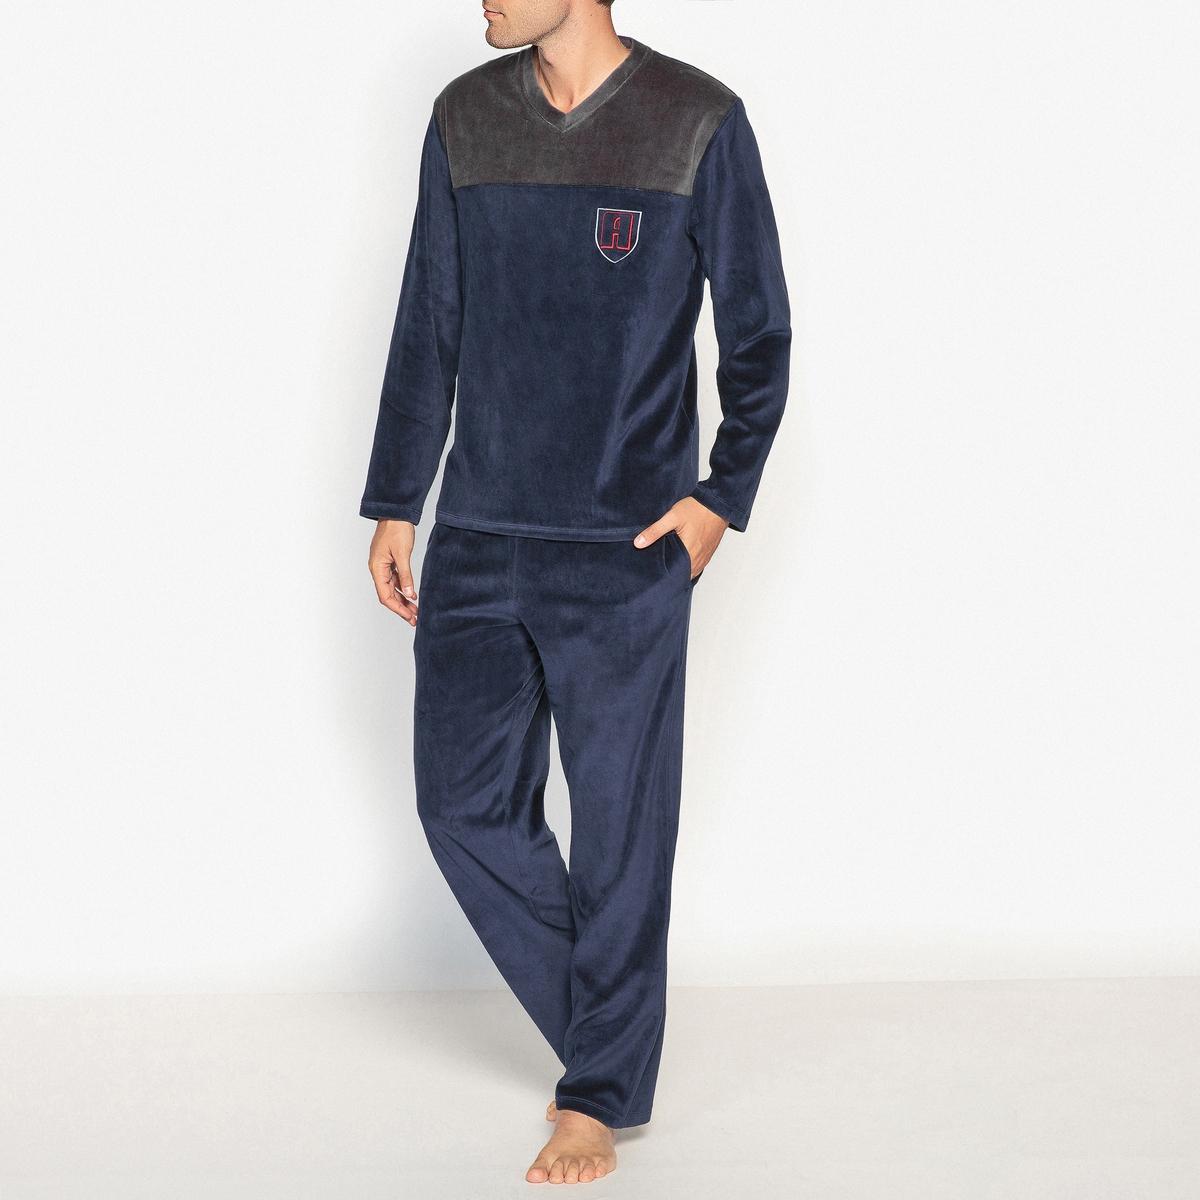 Пижама с длинными рукавами из велюраПижама ATHENA с футболкой с длинными двухцветными рукавами. Прямой покрой, V-образный вырез. Брюки прямого покроя.Описание  •  Футболка с длинными рукавами •   V-образный вырез  •  Длинные брюки, эластичный пояс с затягиваемым шнурком  •  2 боковых карманаСостав и уход •  Основной материал : велюр, 100% полиэстер •  Машинная стирка при 30 °С •  Стирать с вещами схожих цветов<br><br>Цвет: темно-синий/ серый<br>Размер: M